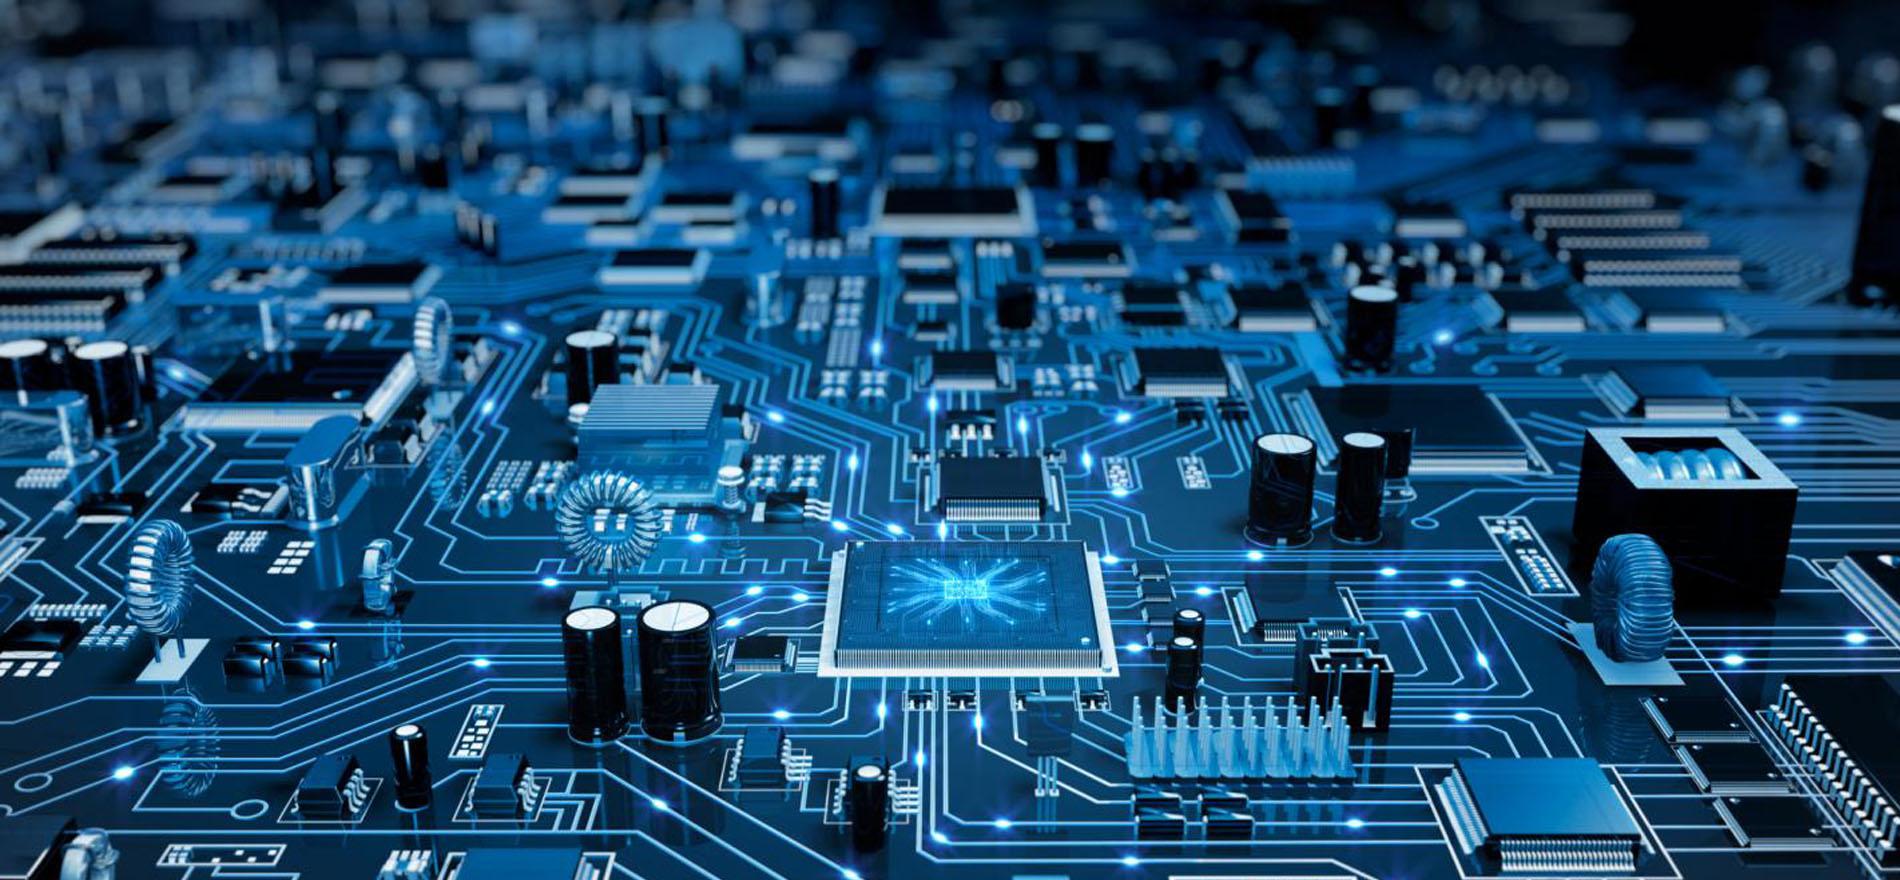 dsp高速数字信号处理板